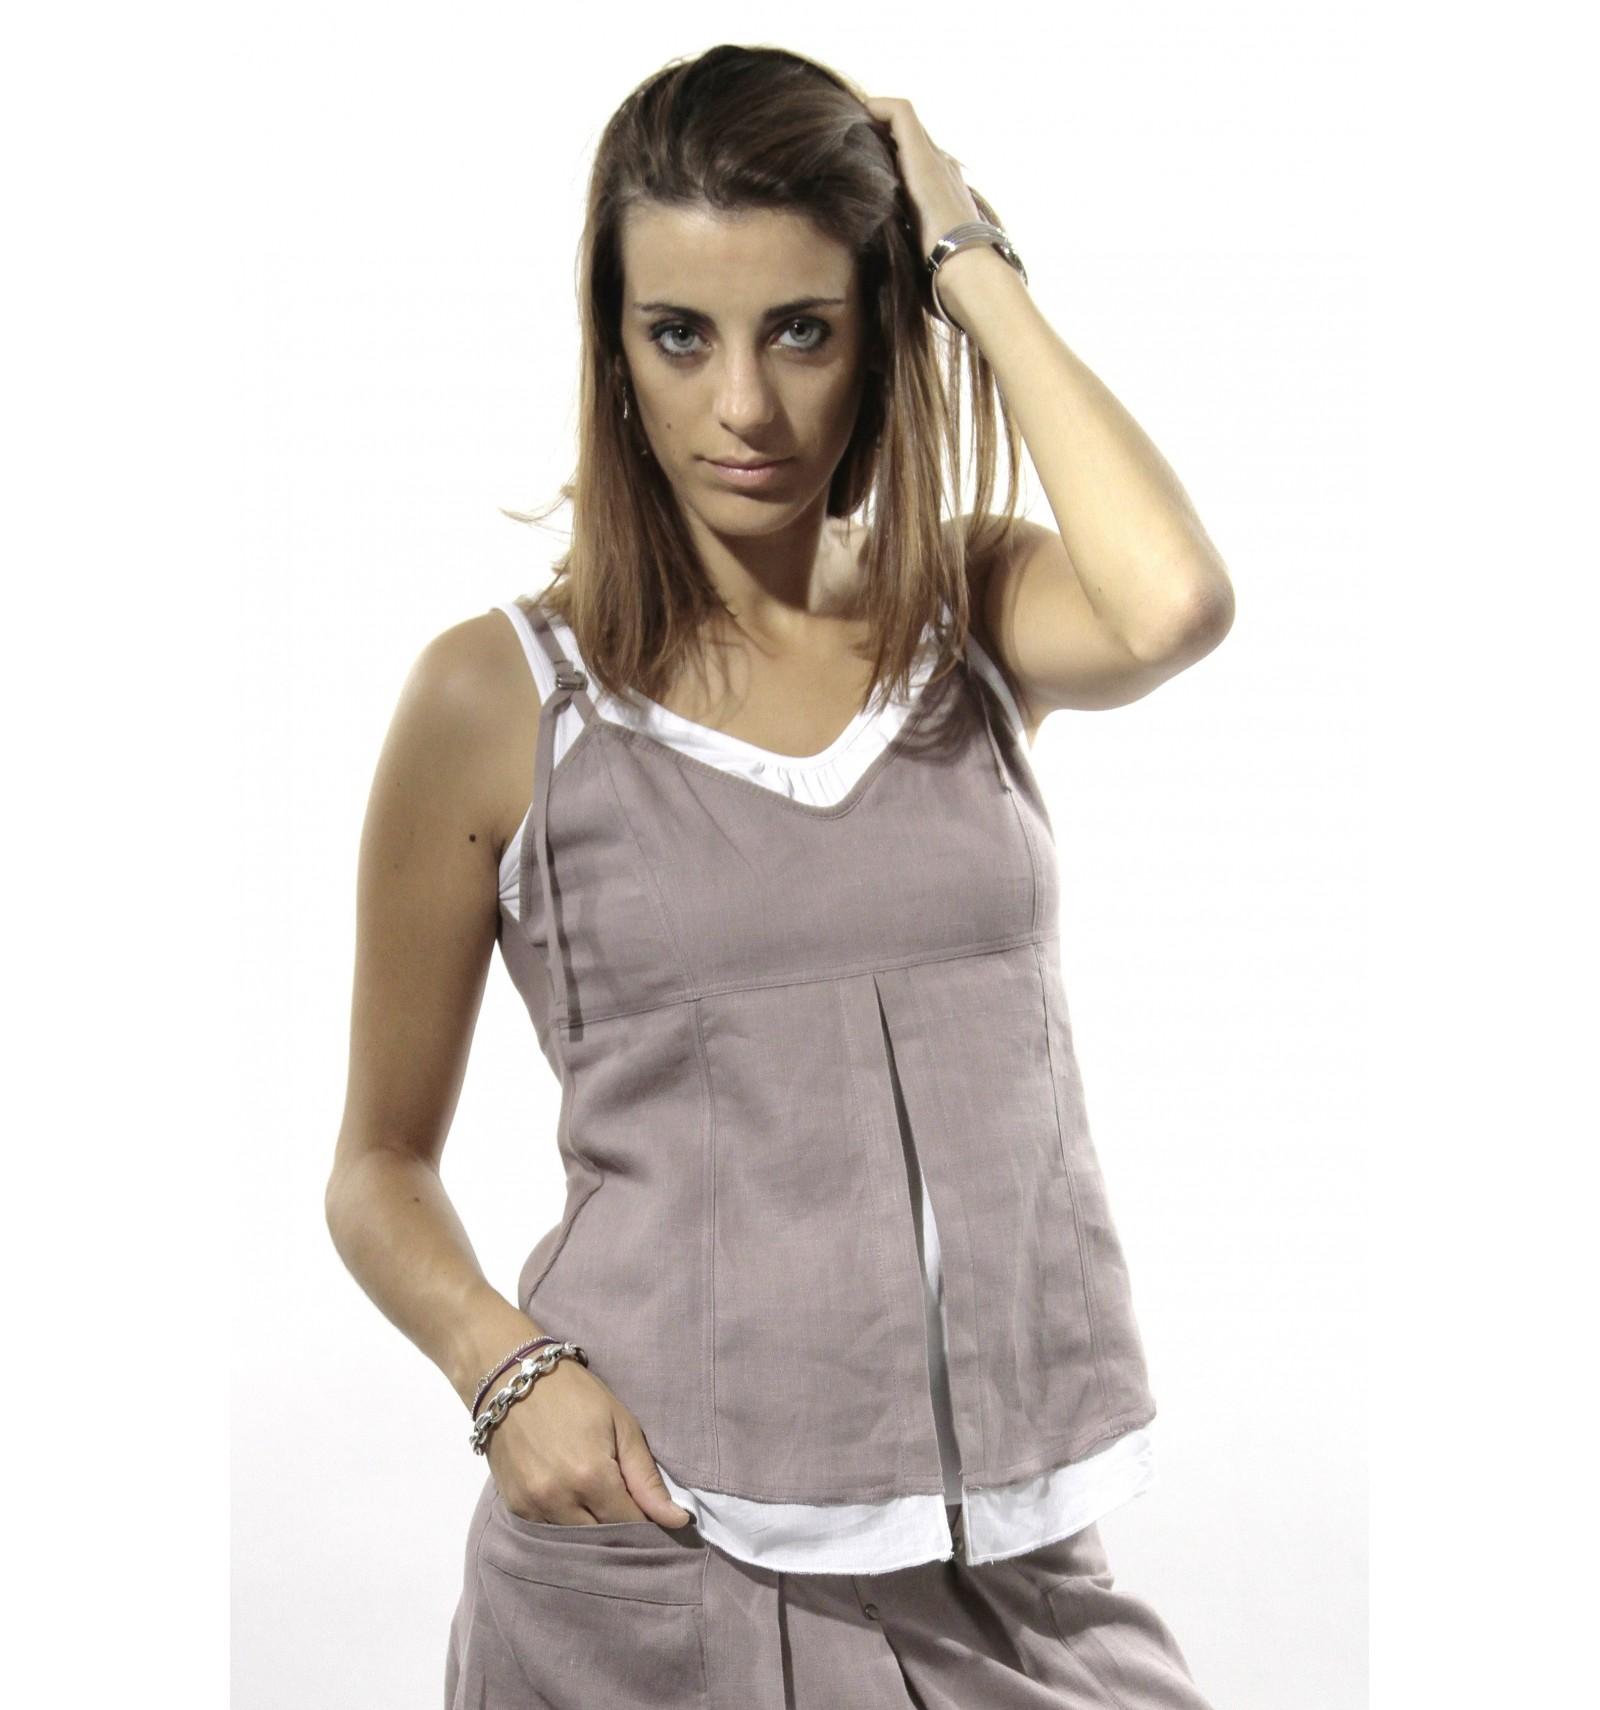 Bien connu Débardeur femme marque Maloka - Mode-Lin.com - Mode-Lin.com IE77